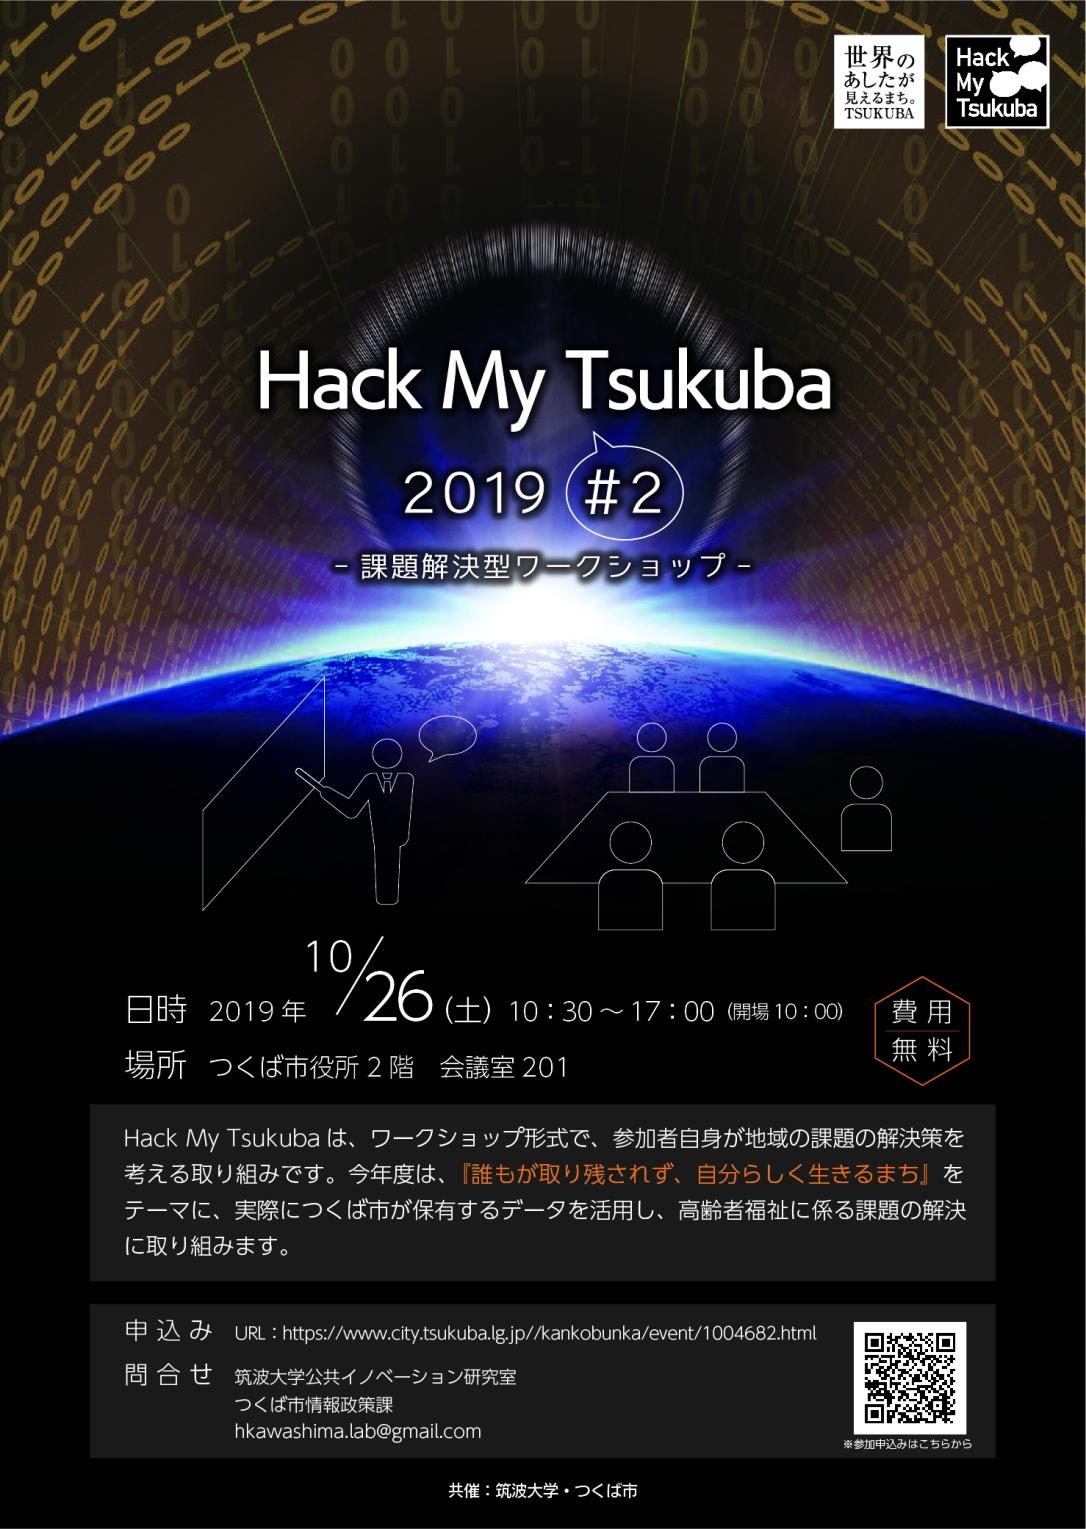 HackMyTsukuba2019第2回_B2ポスター_校正B_20190906